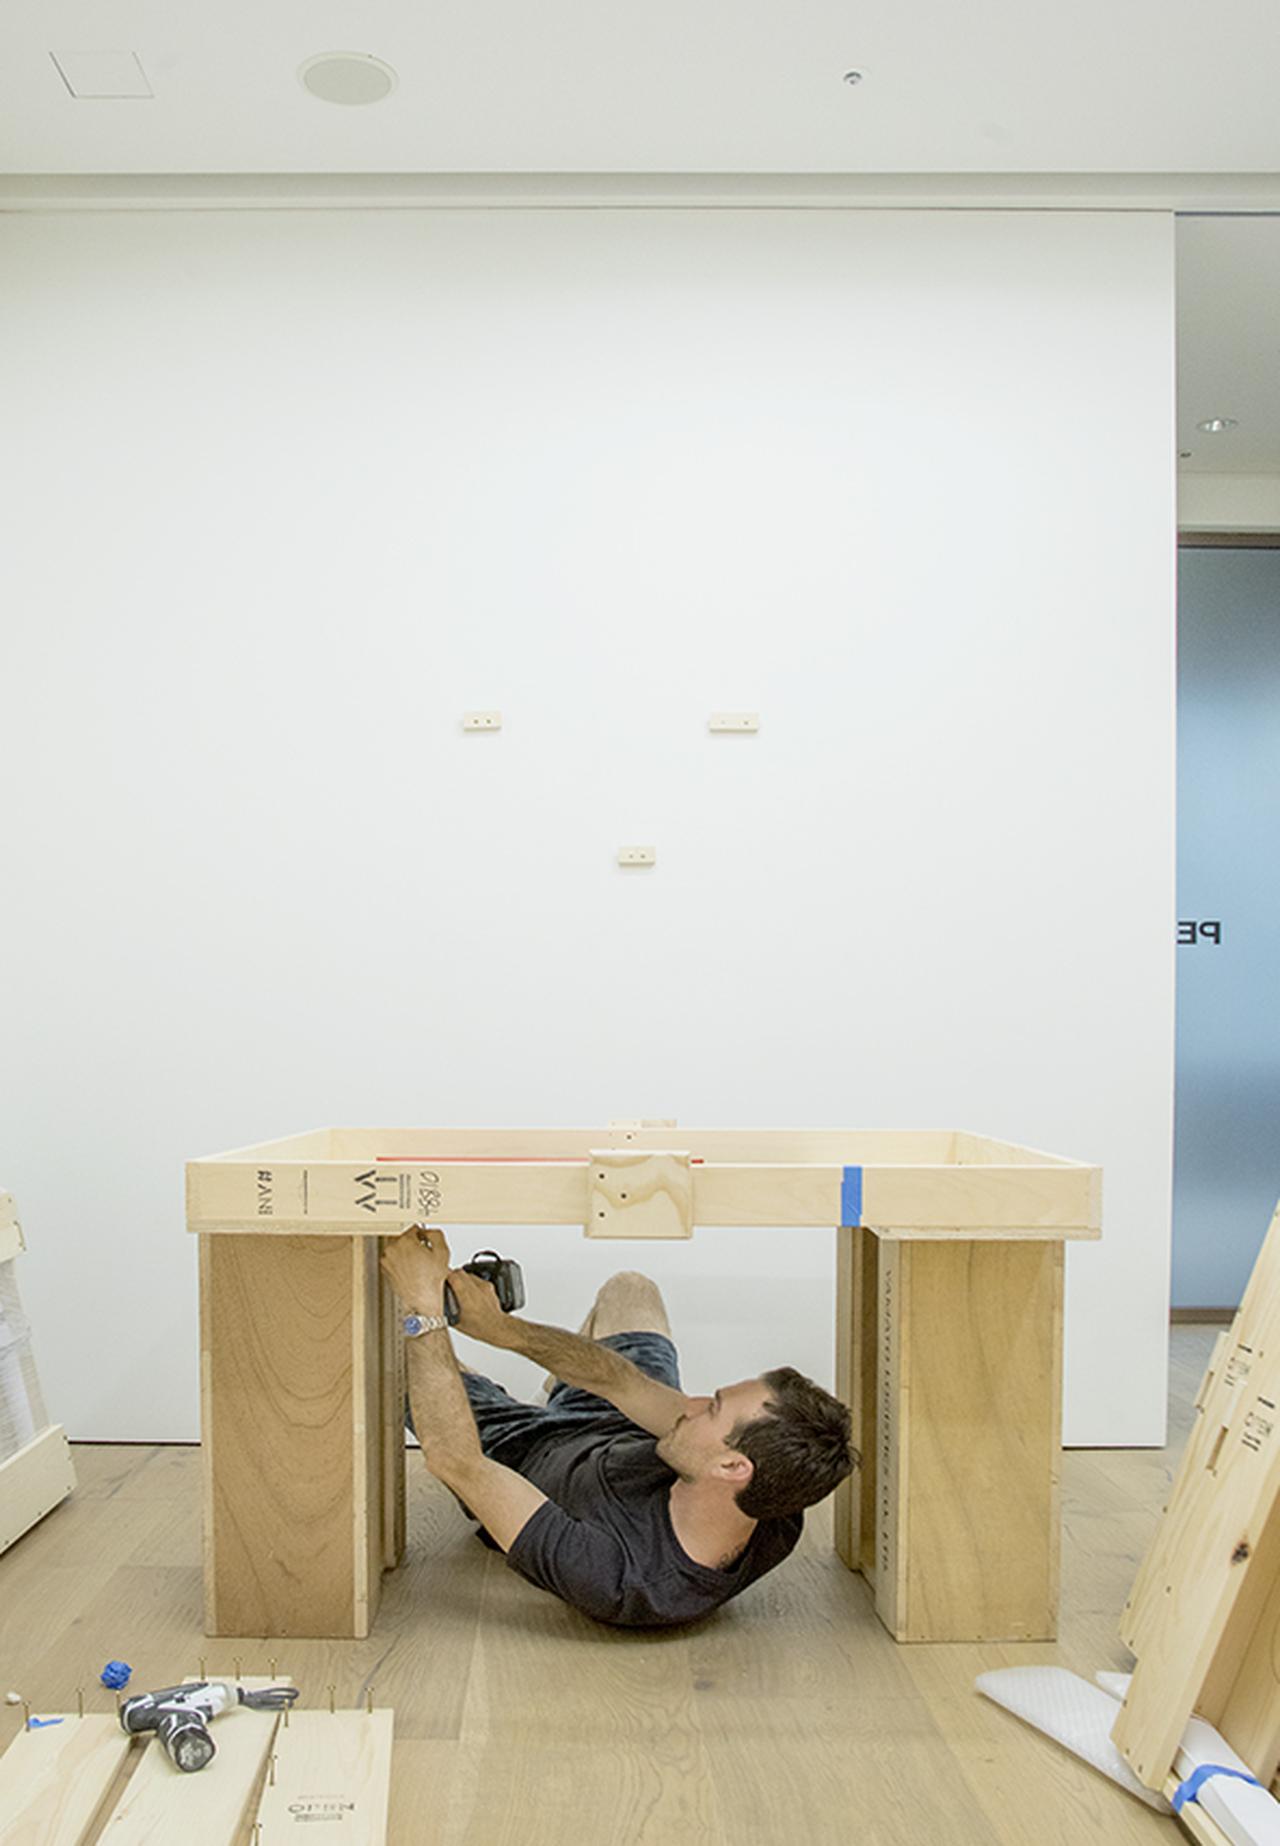 Images : 11番目の画像 - 「色彩とかたちをあやつる ジョシュ・スパーリングの 新しい抽象芸術」のアルバム - T JAPAN:The New York Times Style Magazine 公式サイト